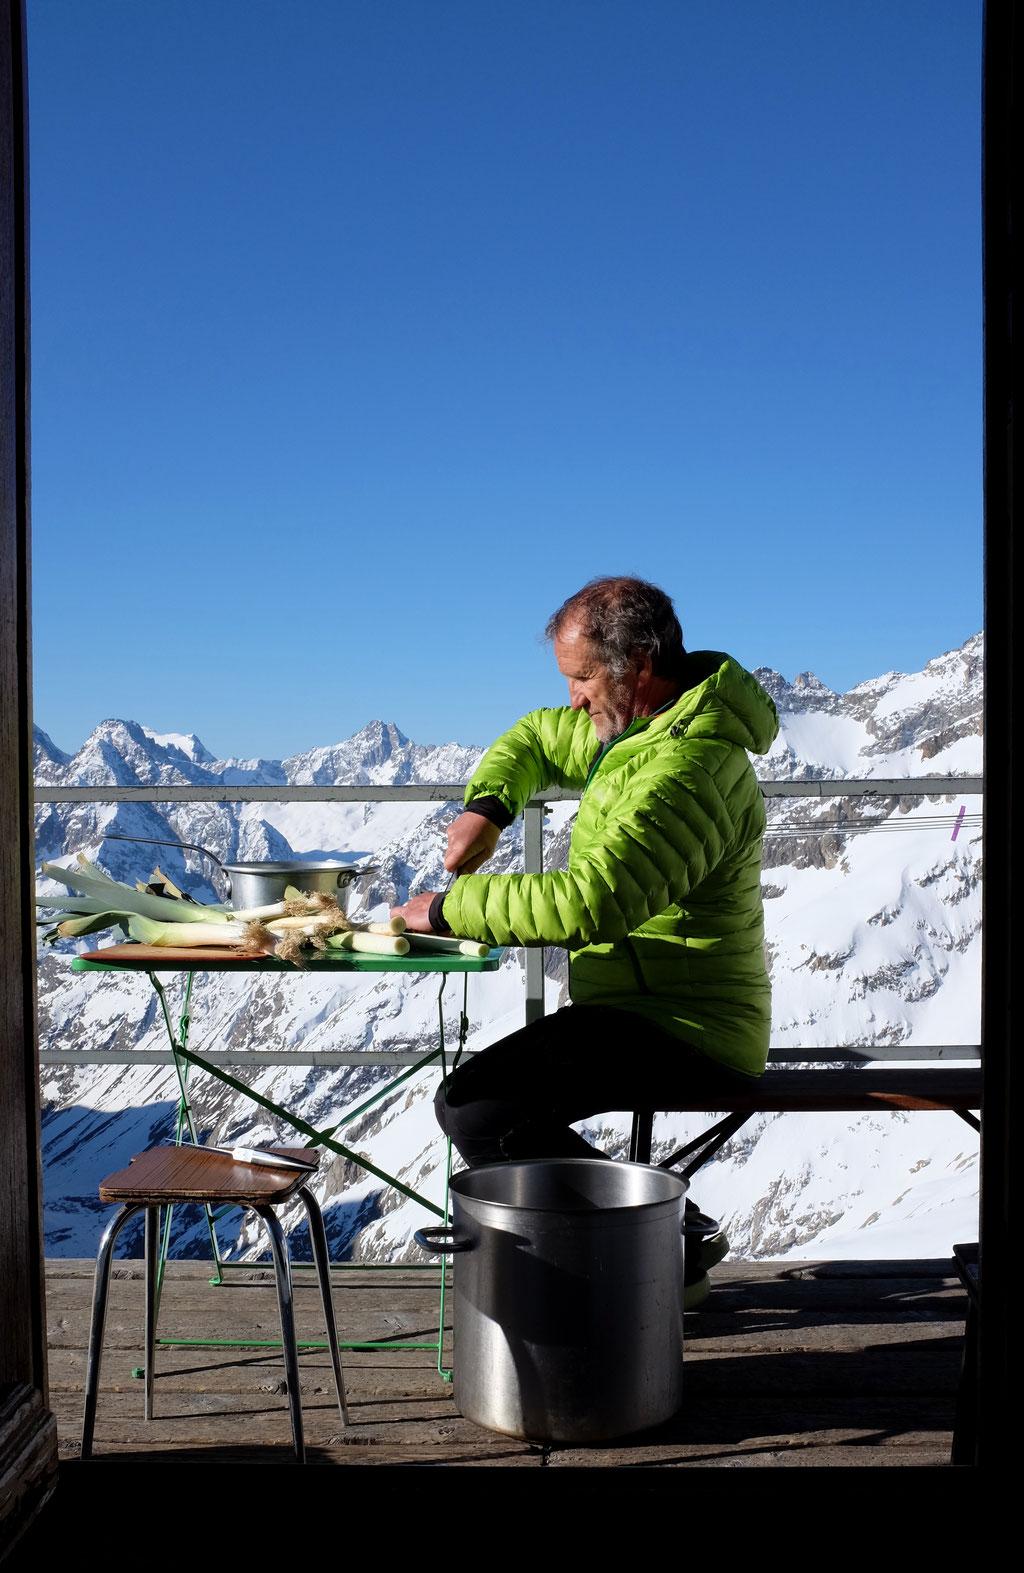 au printemps 2017, le matin sur la terrasse du Promontoire, avant que les skieurs n'atteignent le refuge, l'annexe de la cuisine...